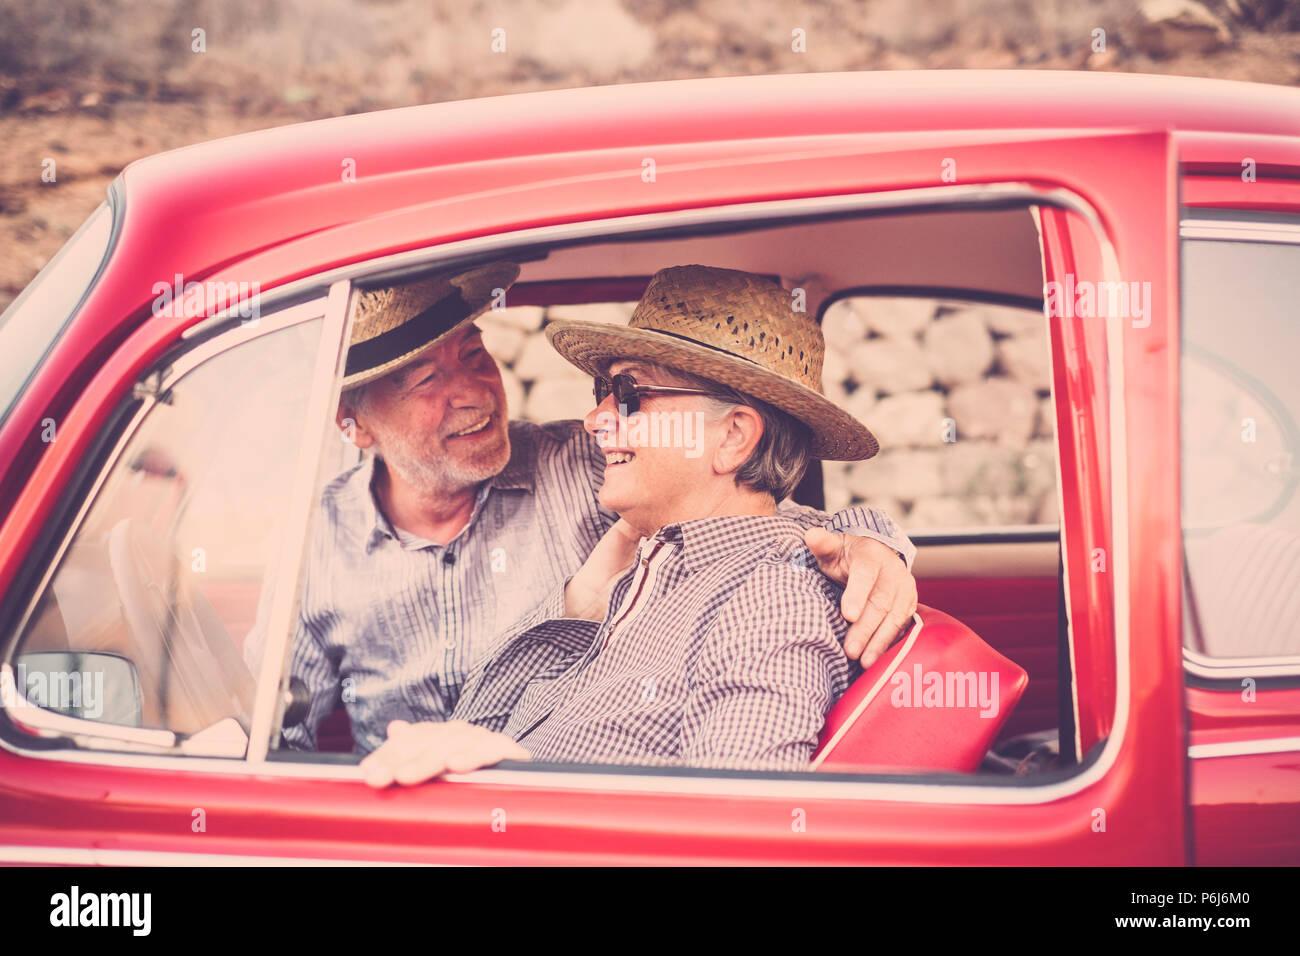 Beau Beau couple de senior people dans une vieille voiture vintage rouge profiter et rester ensemble dans les activité de loisirs de plein air. Marié et pour Photo Stock